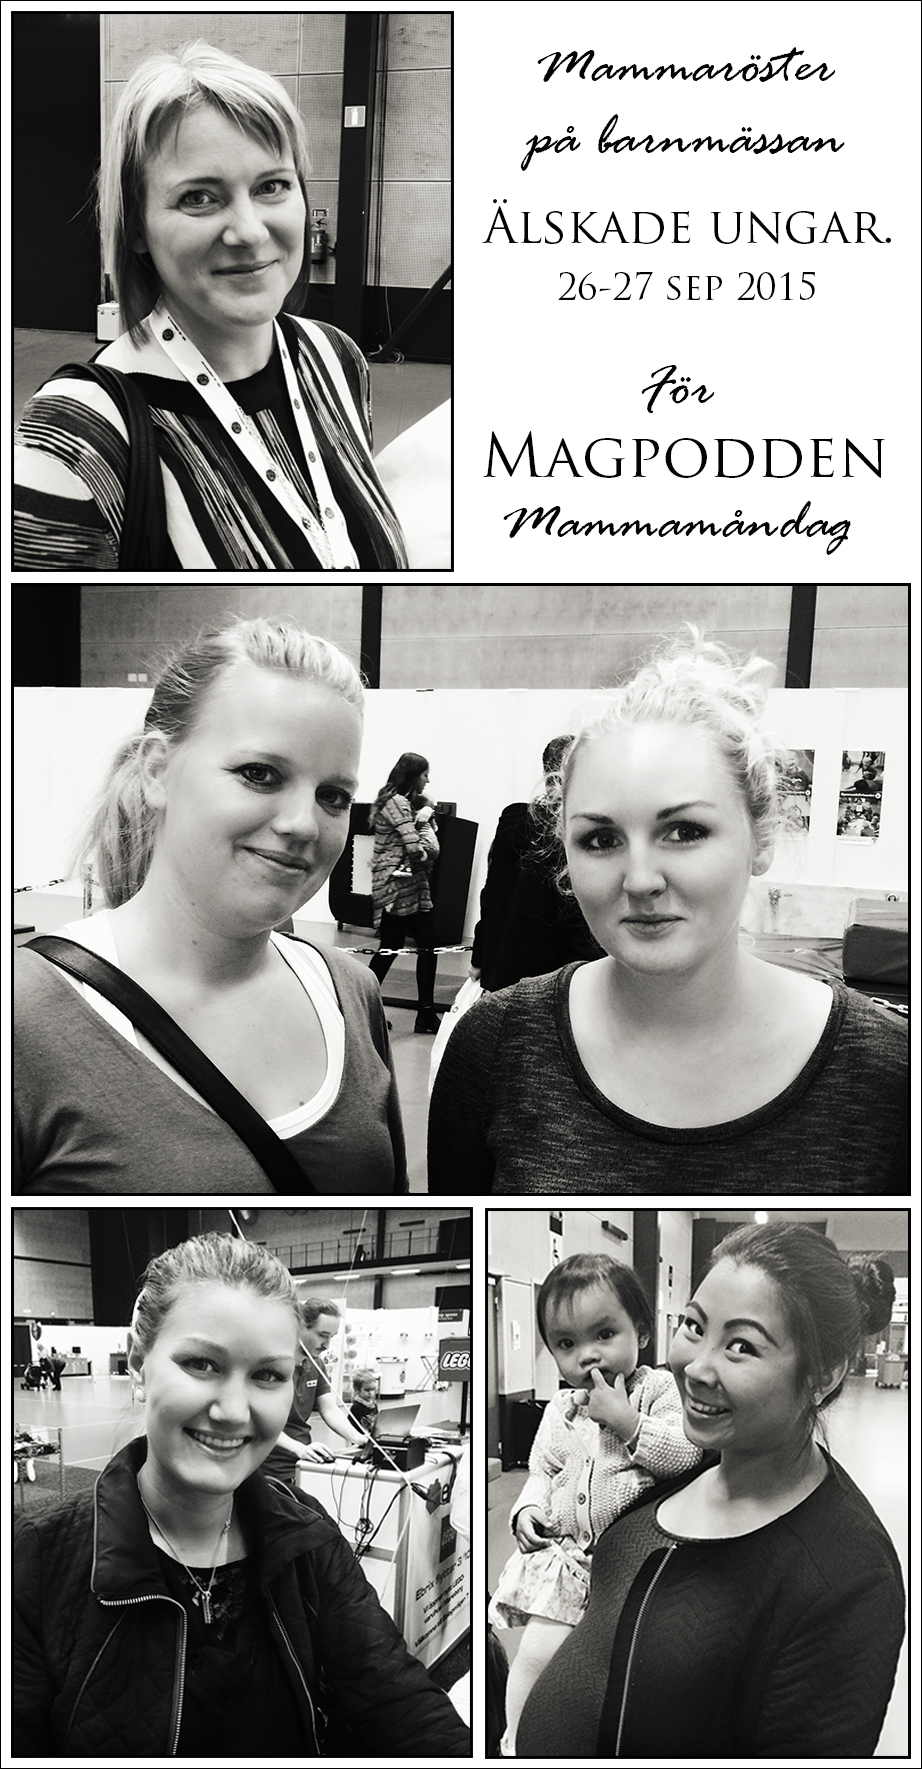 mammaröster från barnmässan Älskade Ungar i Örebro, den 26-27 sep 2015.